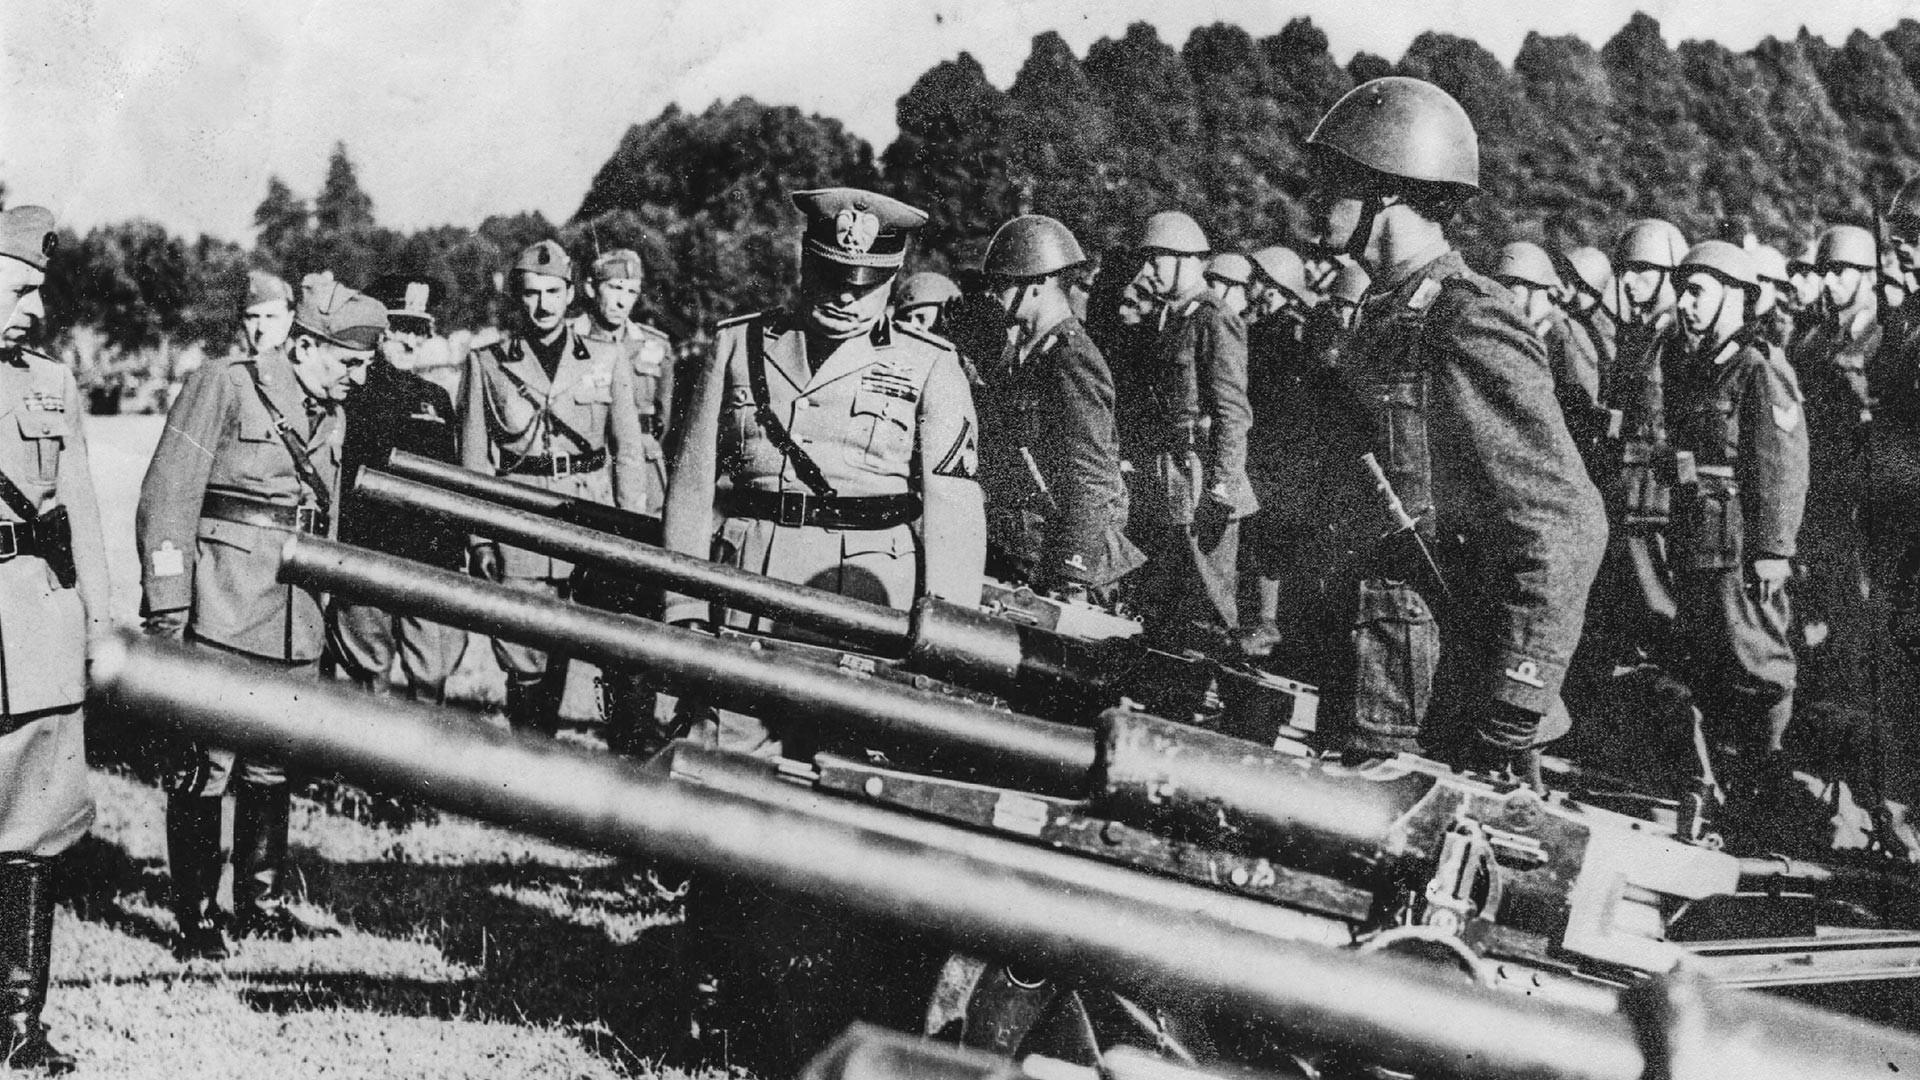 Бенито Муссолини осматривает артиллерийские орудия перед отправкой на Восточный фронт.